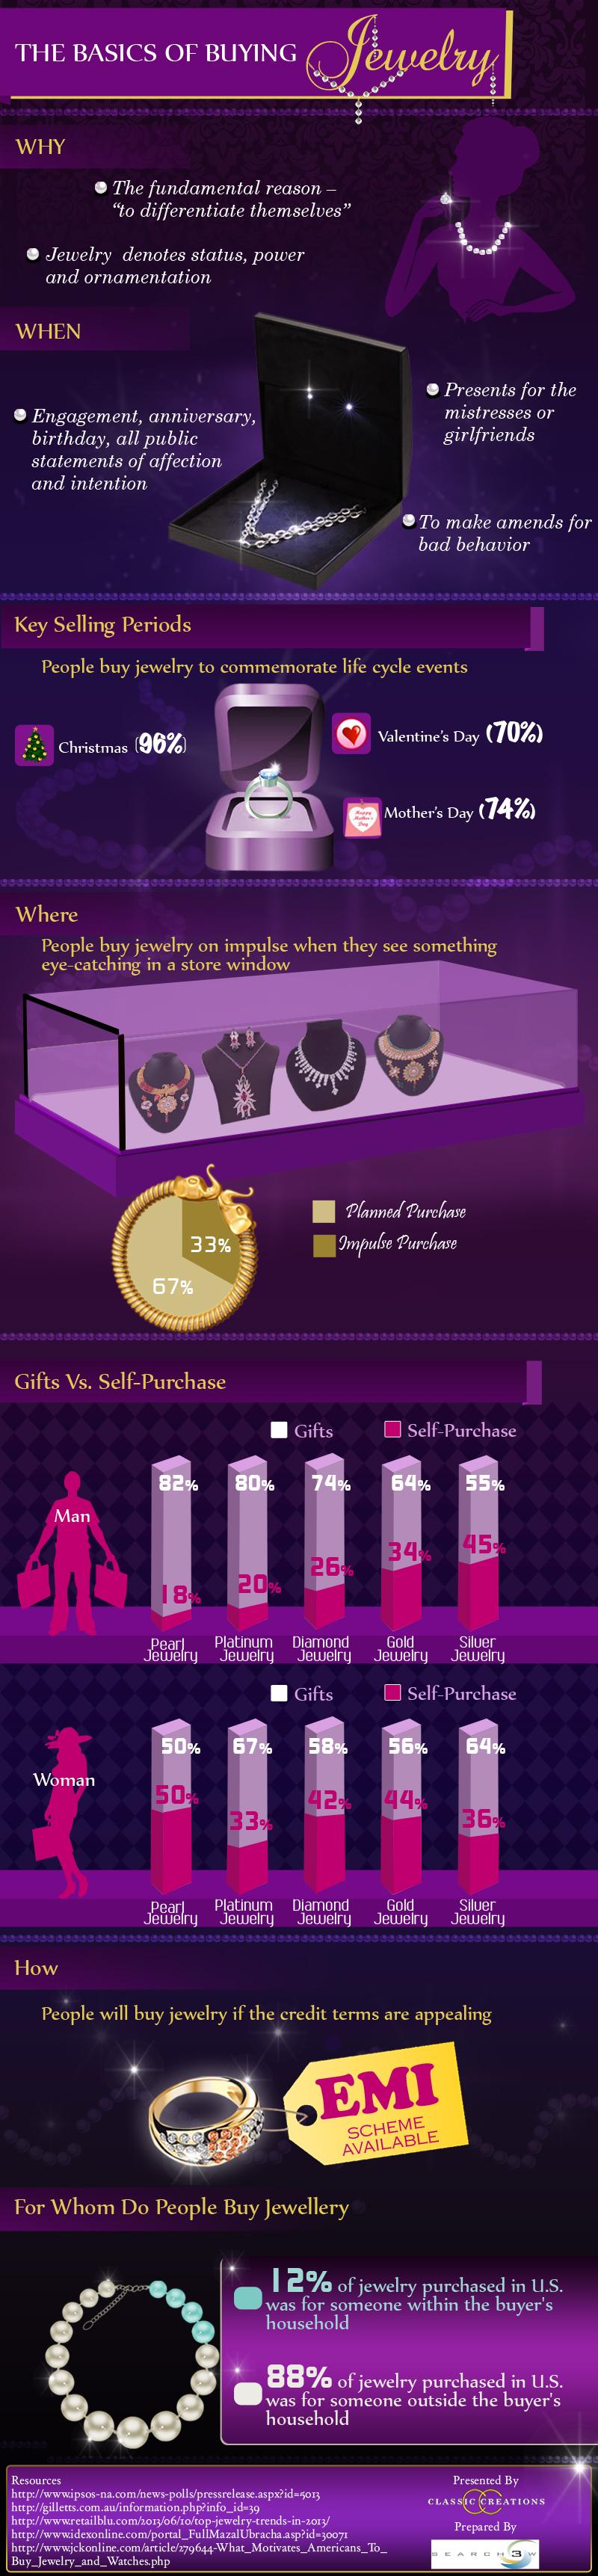 Jewelry-Buying-Basics